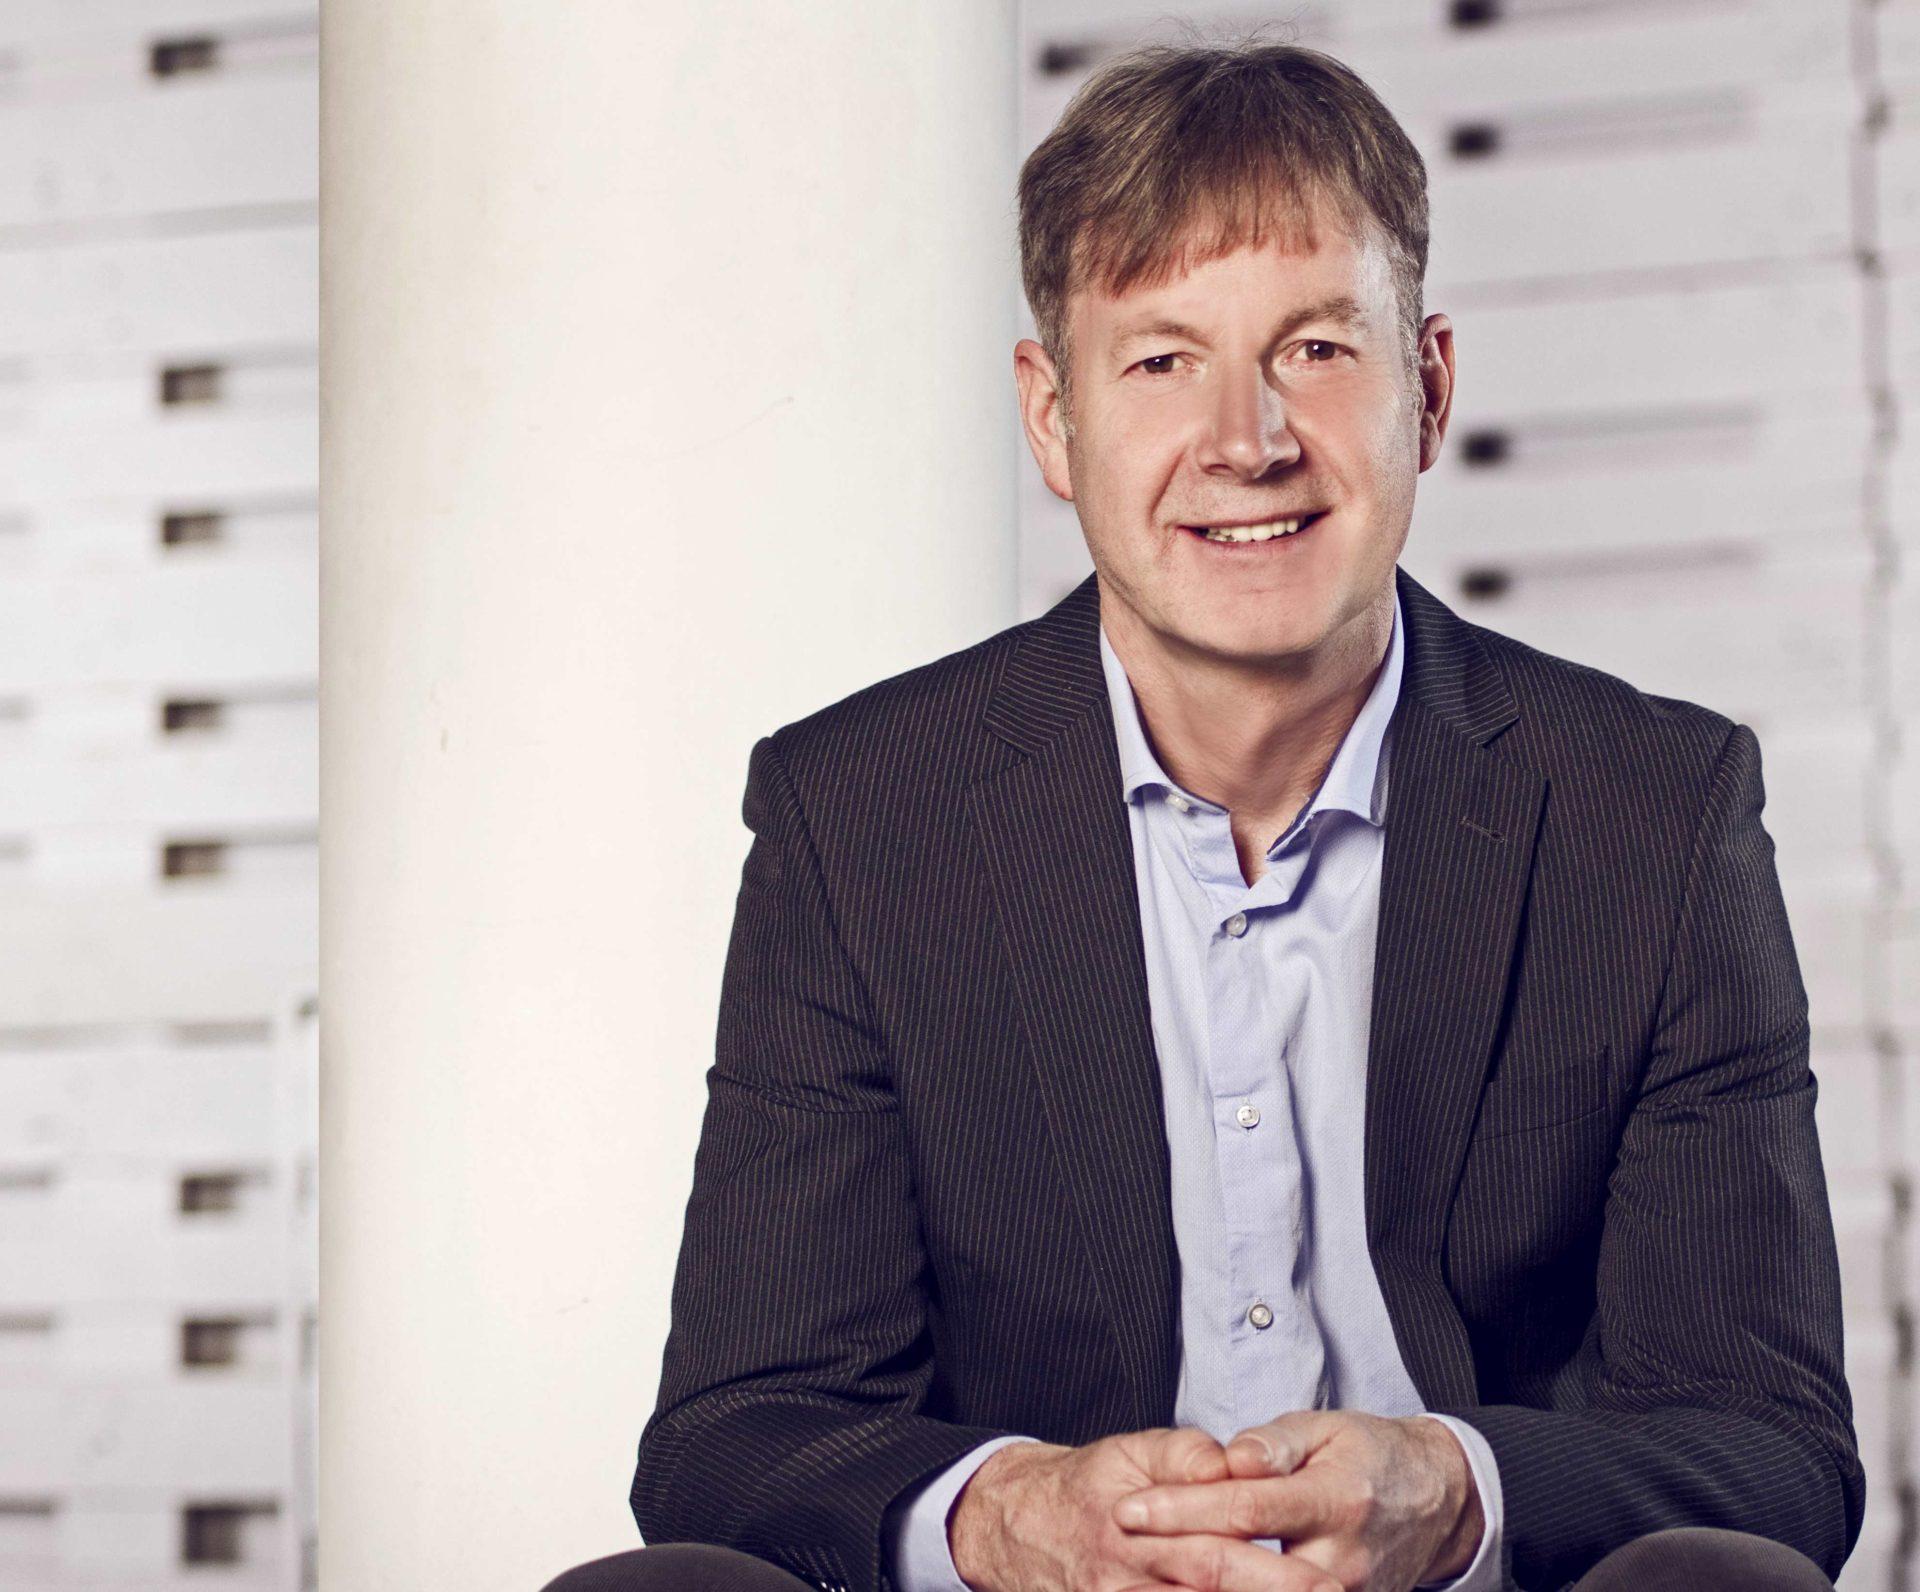 Coach und Personal Trainer Torsten Muhlack Mentalcoach Berlin